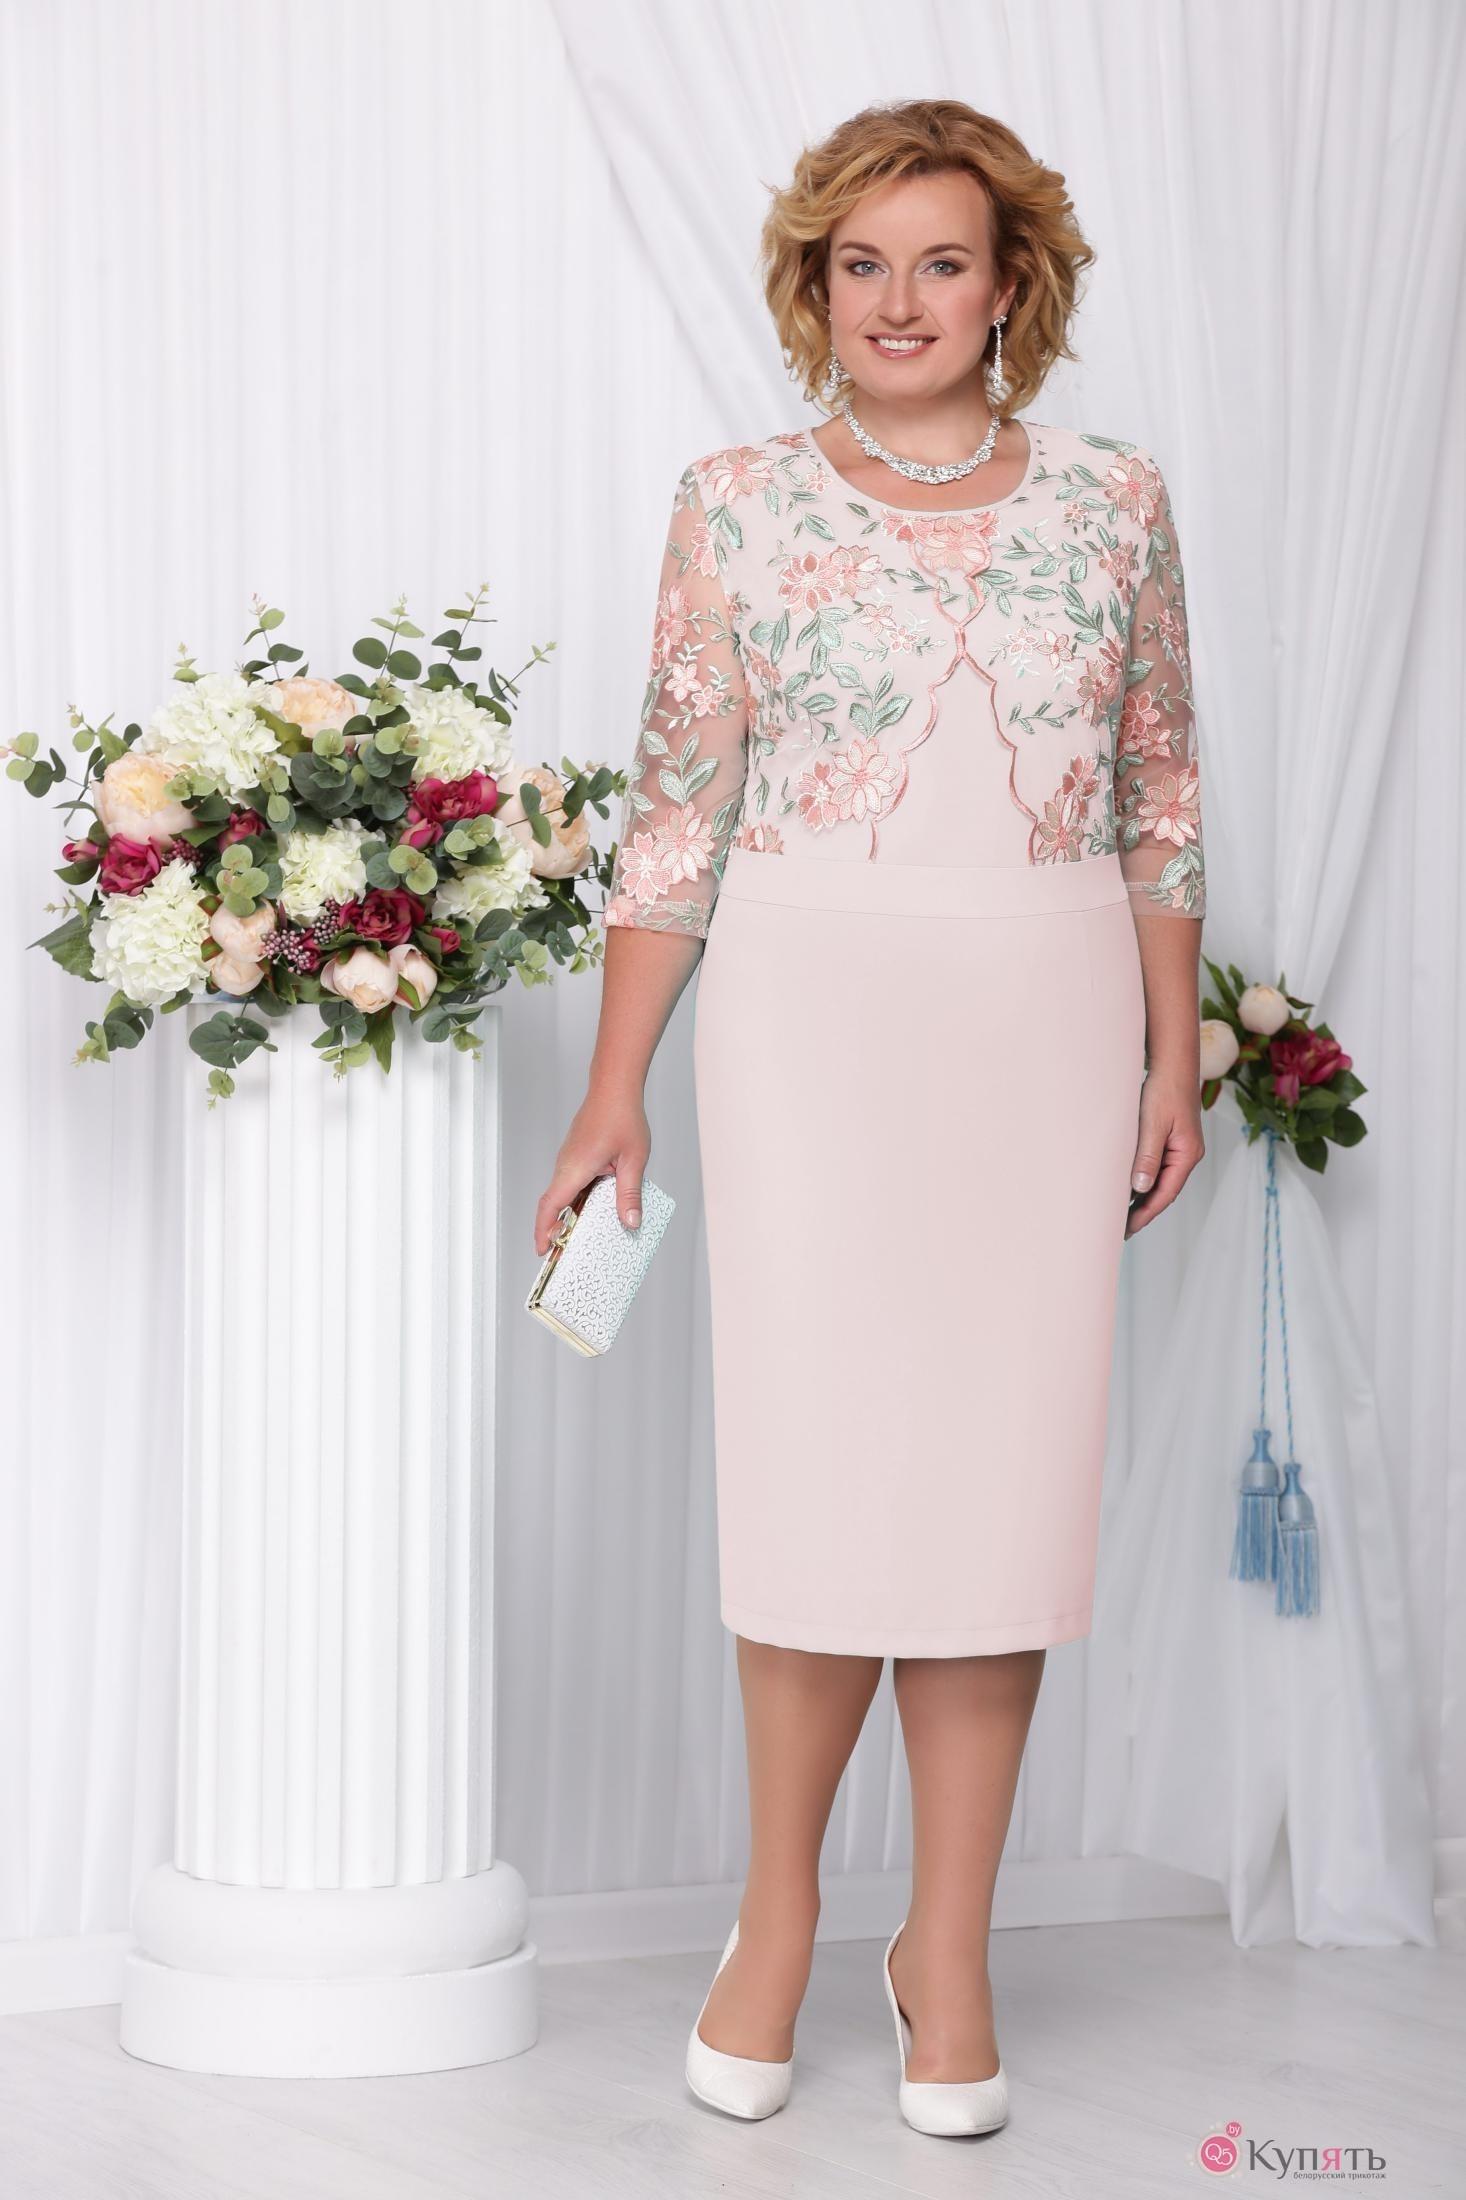 edd342cec66 Платье Нинель Шик 2102 пудра - интернет-магазин женской одежды